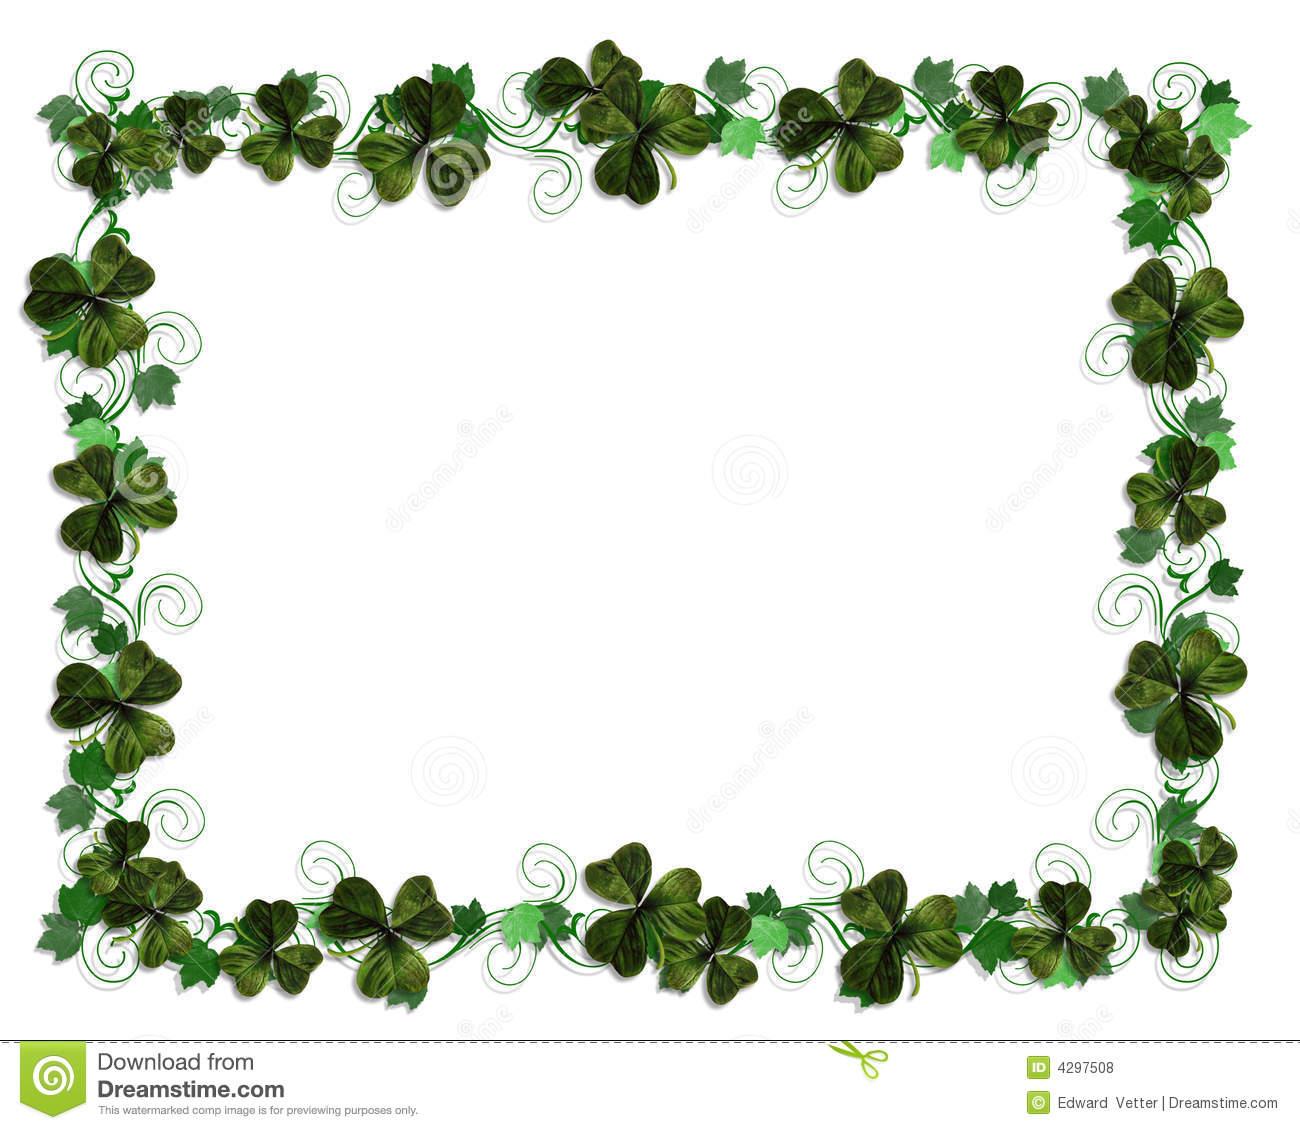 74+ Free Irish Clipart.